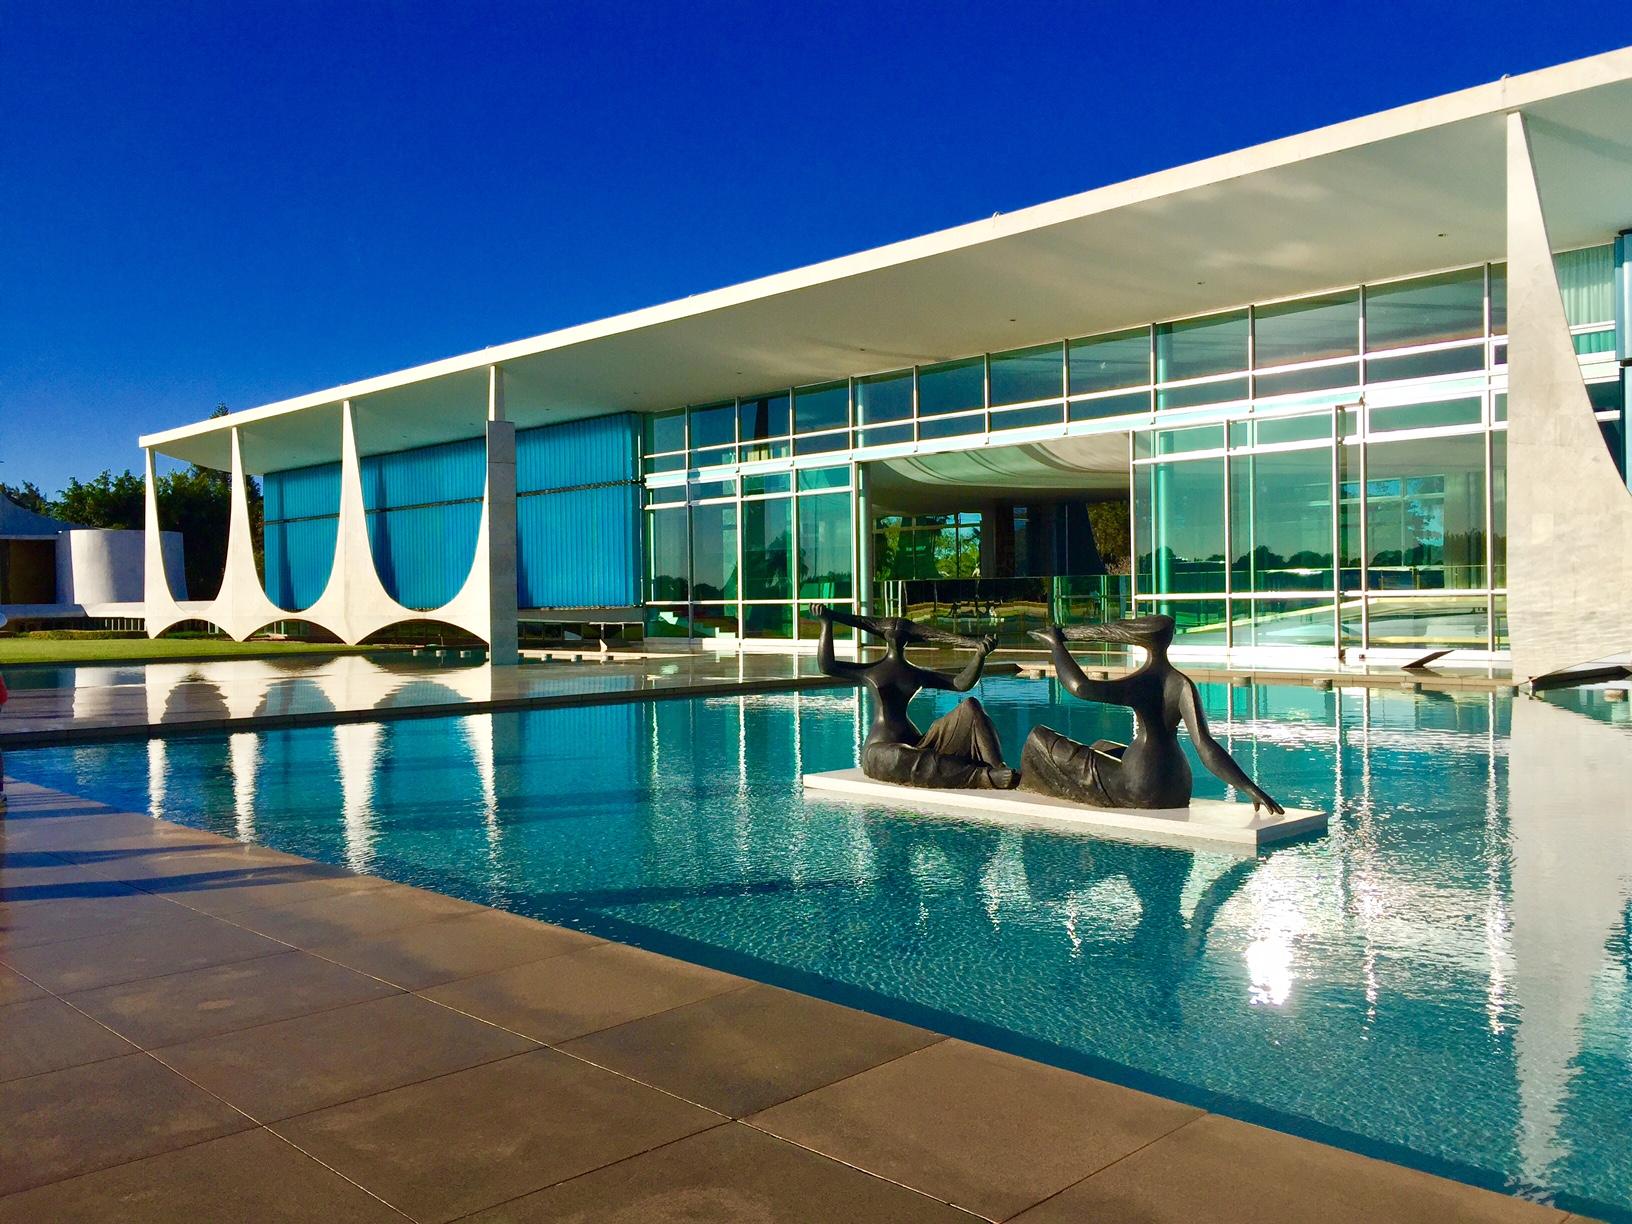 palácio da alvorada brasilia